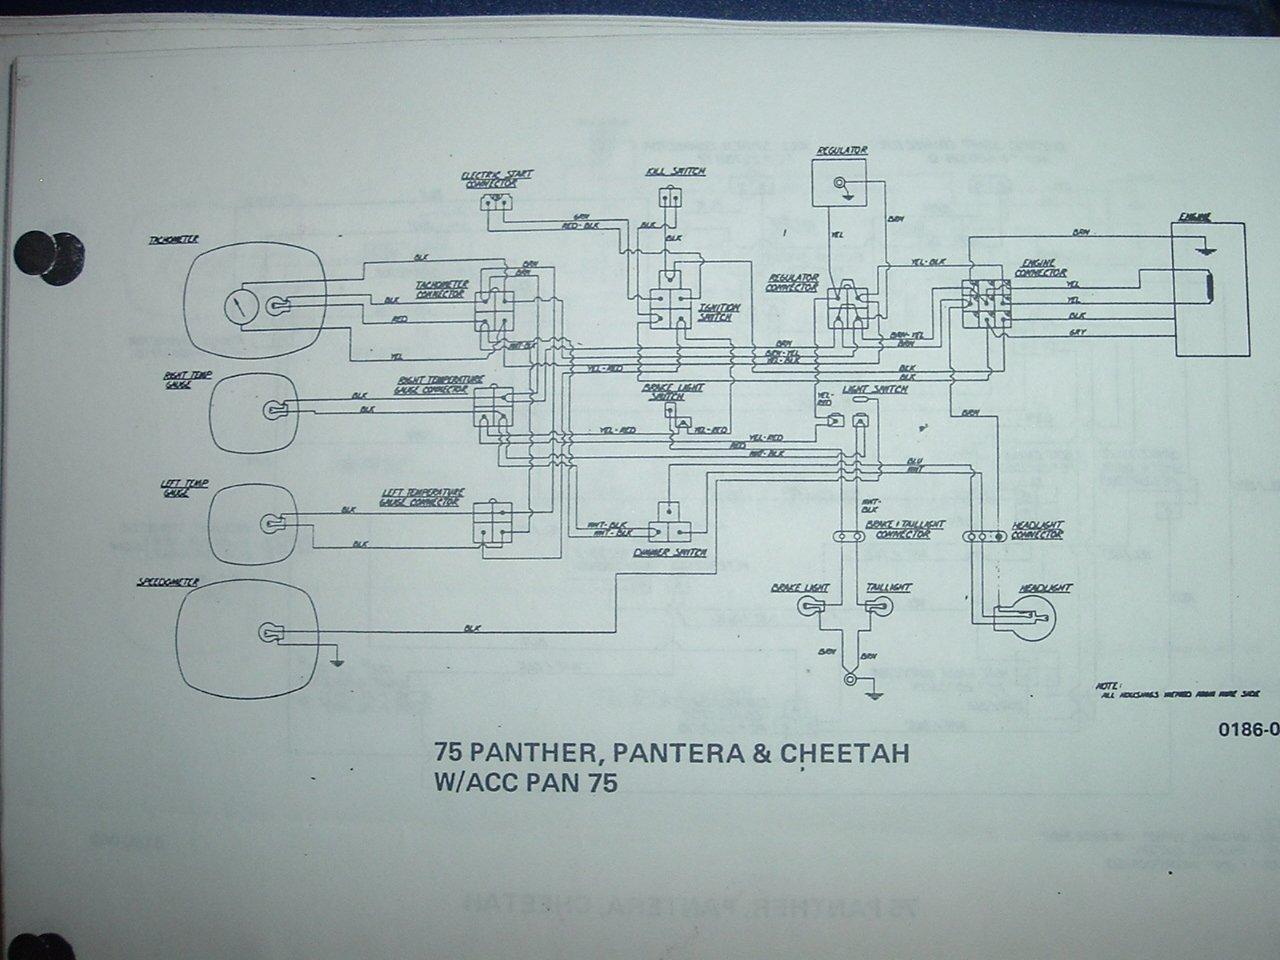 Suzuki LT230E Parts as well 1985 Suzuki Quadrunner 250 Wiring Diagram in addition Triumph Daytona 600 Wiring Diagram in addition Arctic Cat 250 Wiring Diagram in addition Baja Designs Wiring Diagram. on suzuki lt230 wiring diagram